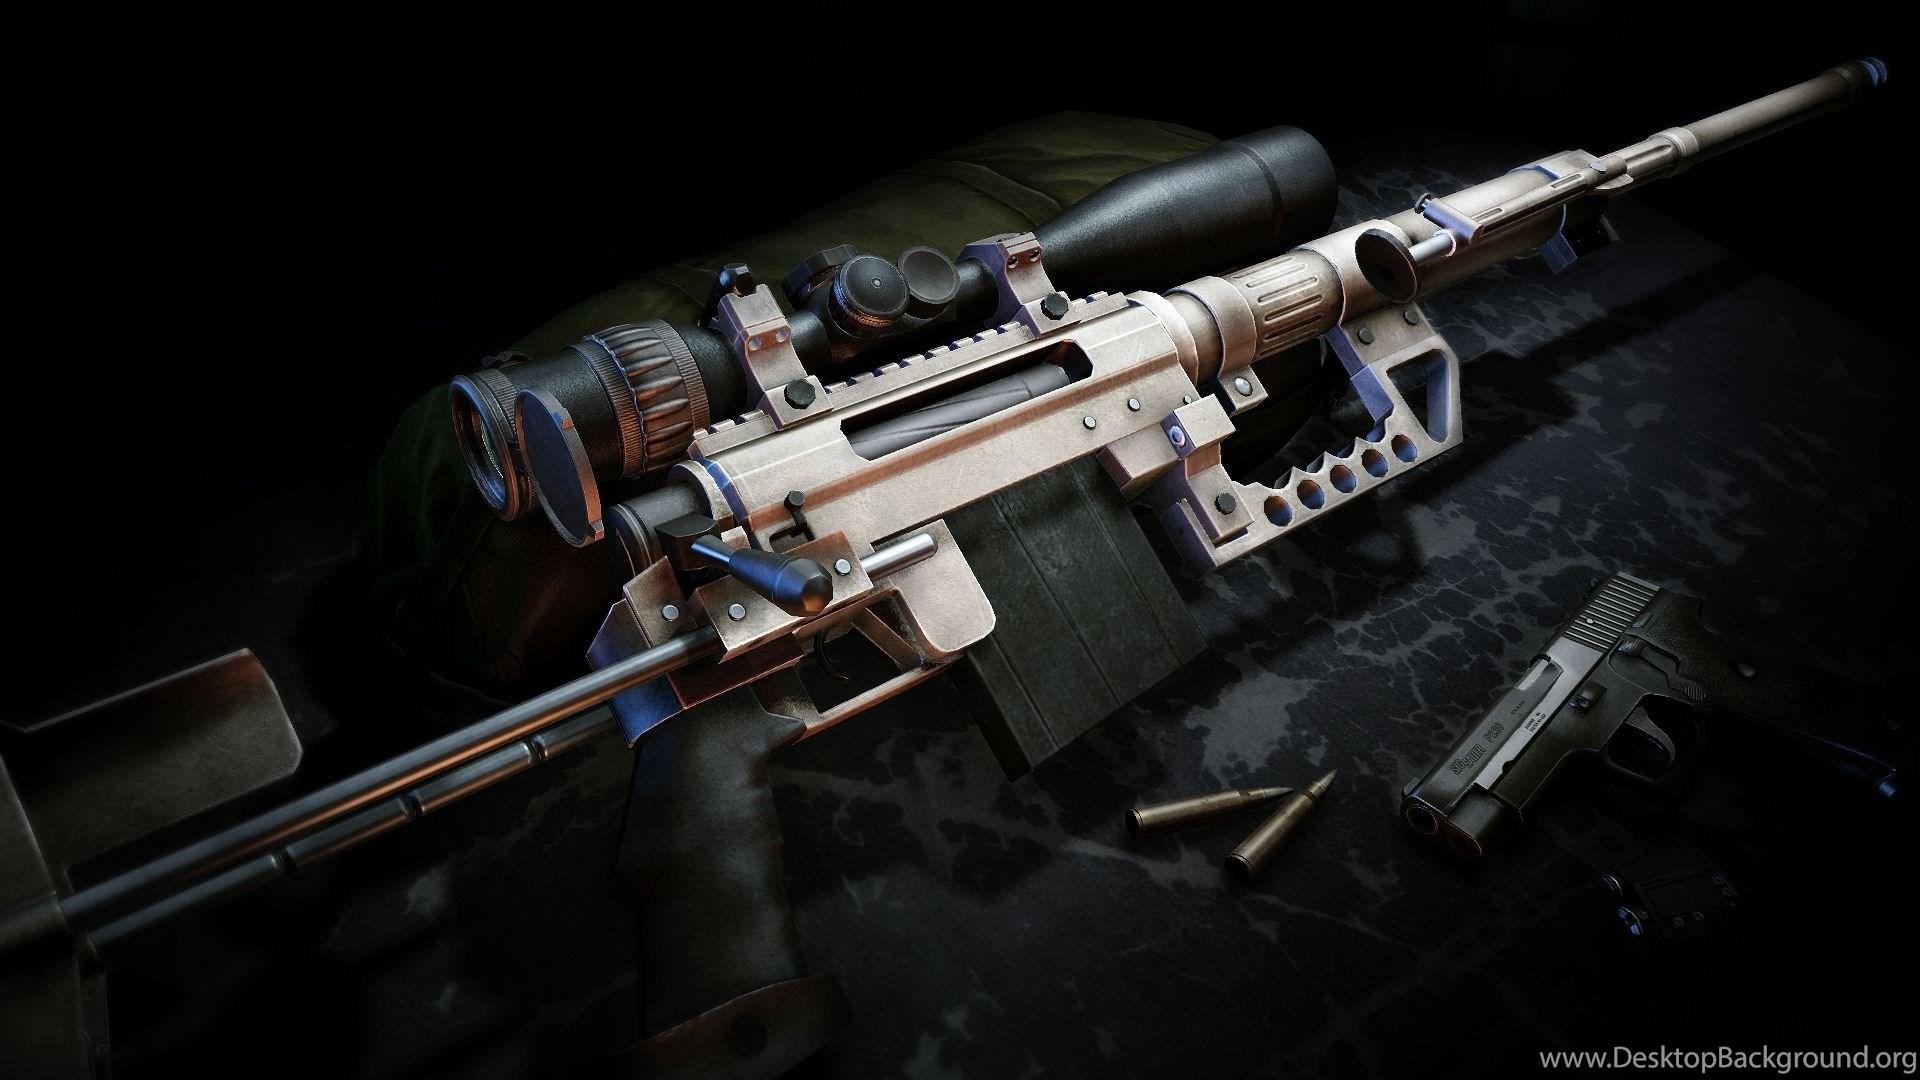 sniper: ghost warrior 2 computer wallpapers, desktop backgrounds